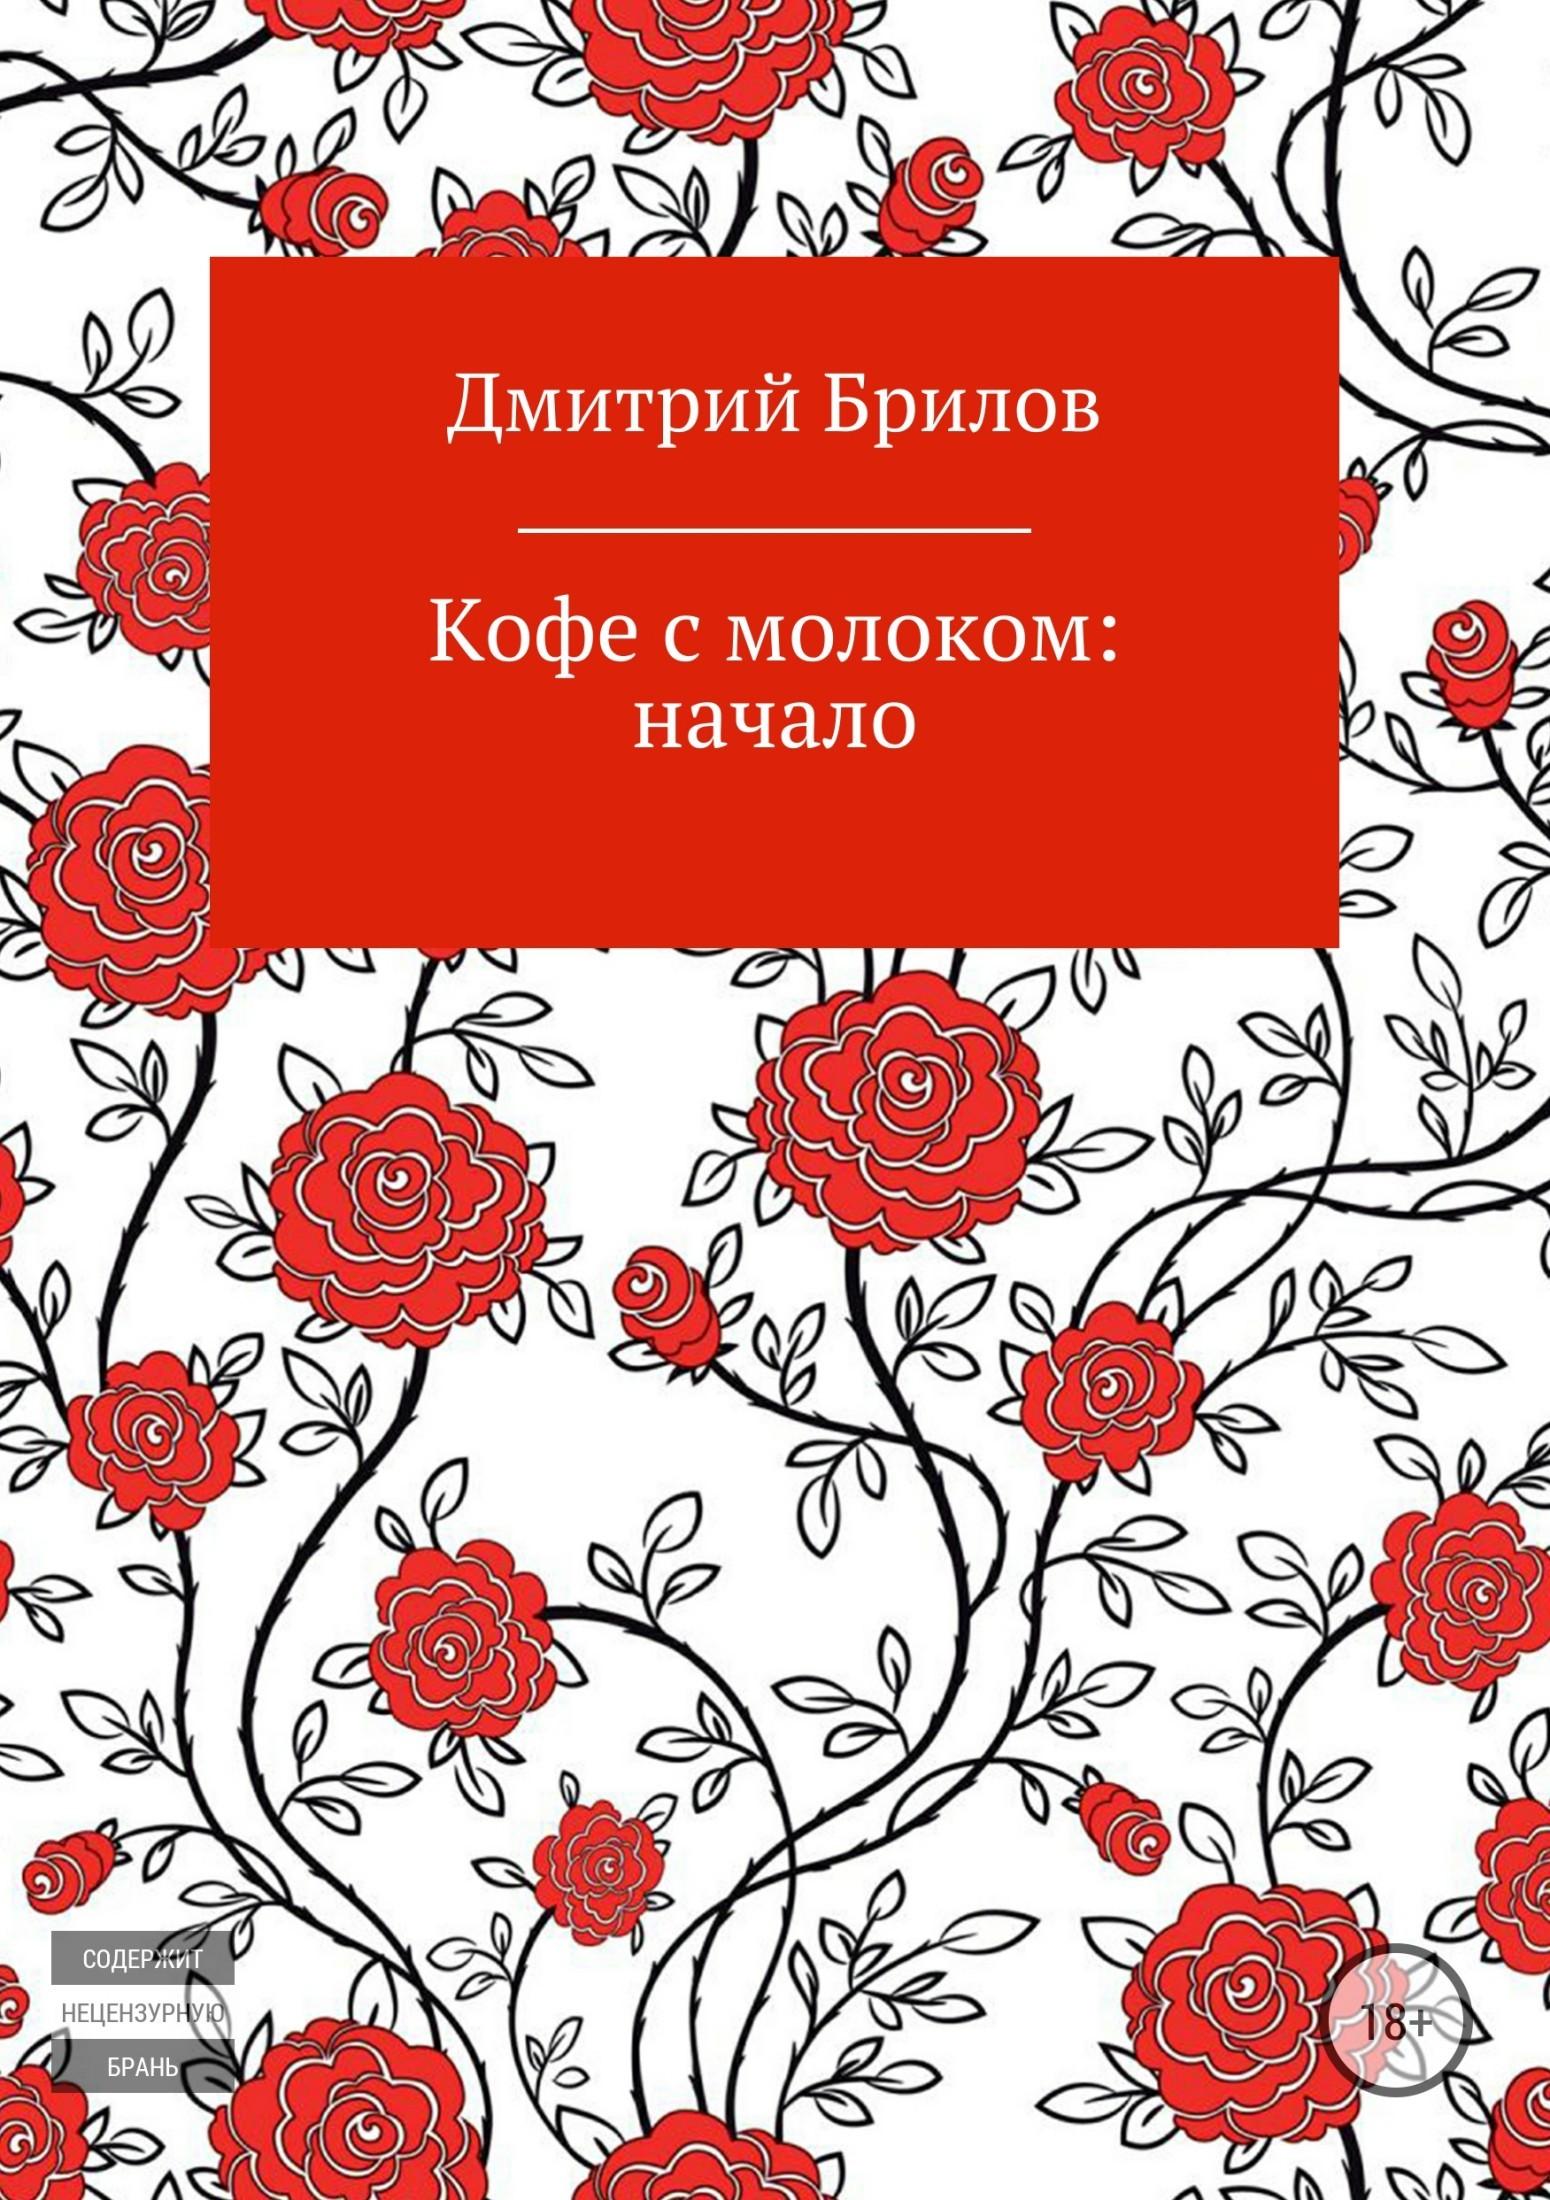 Дмитрий Брилов - Кофе с молоком: начало